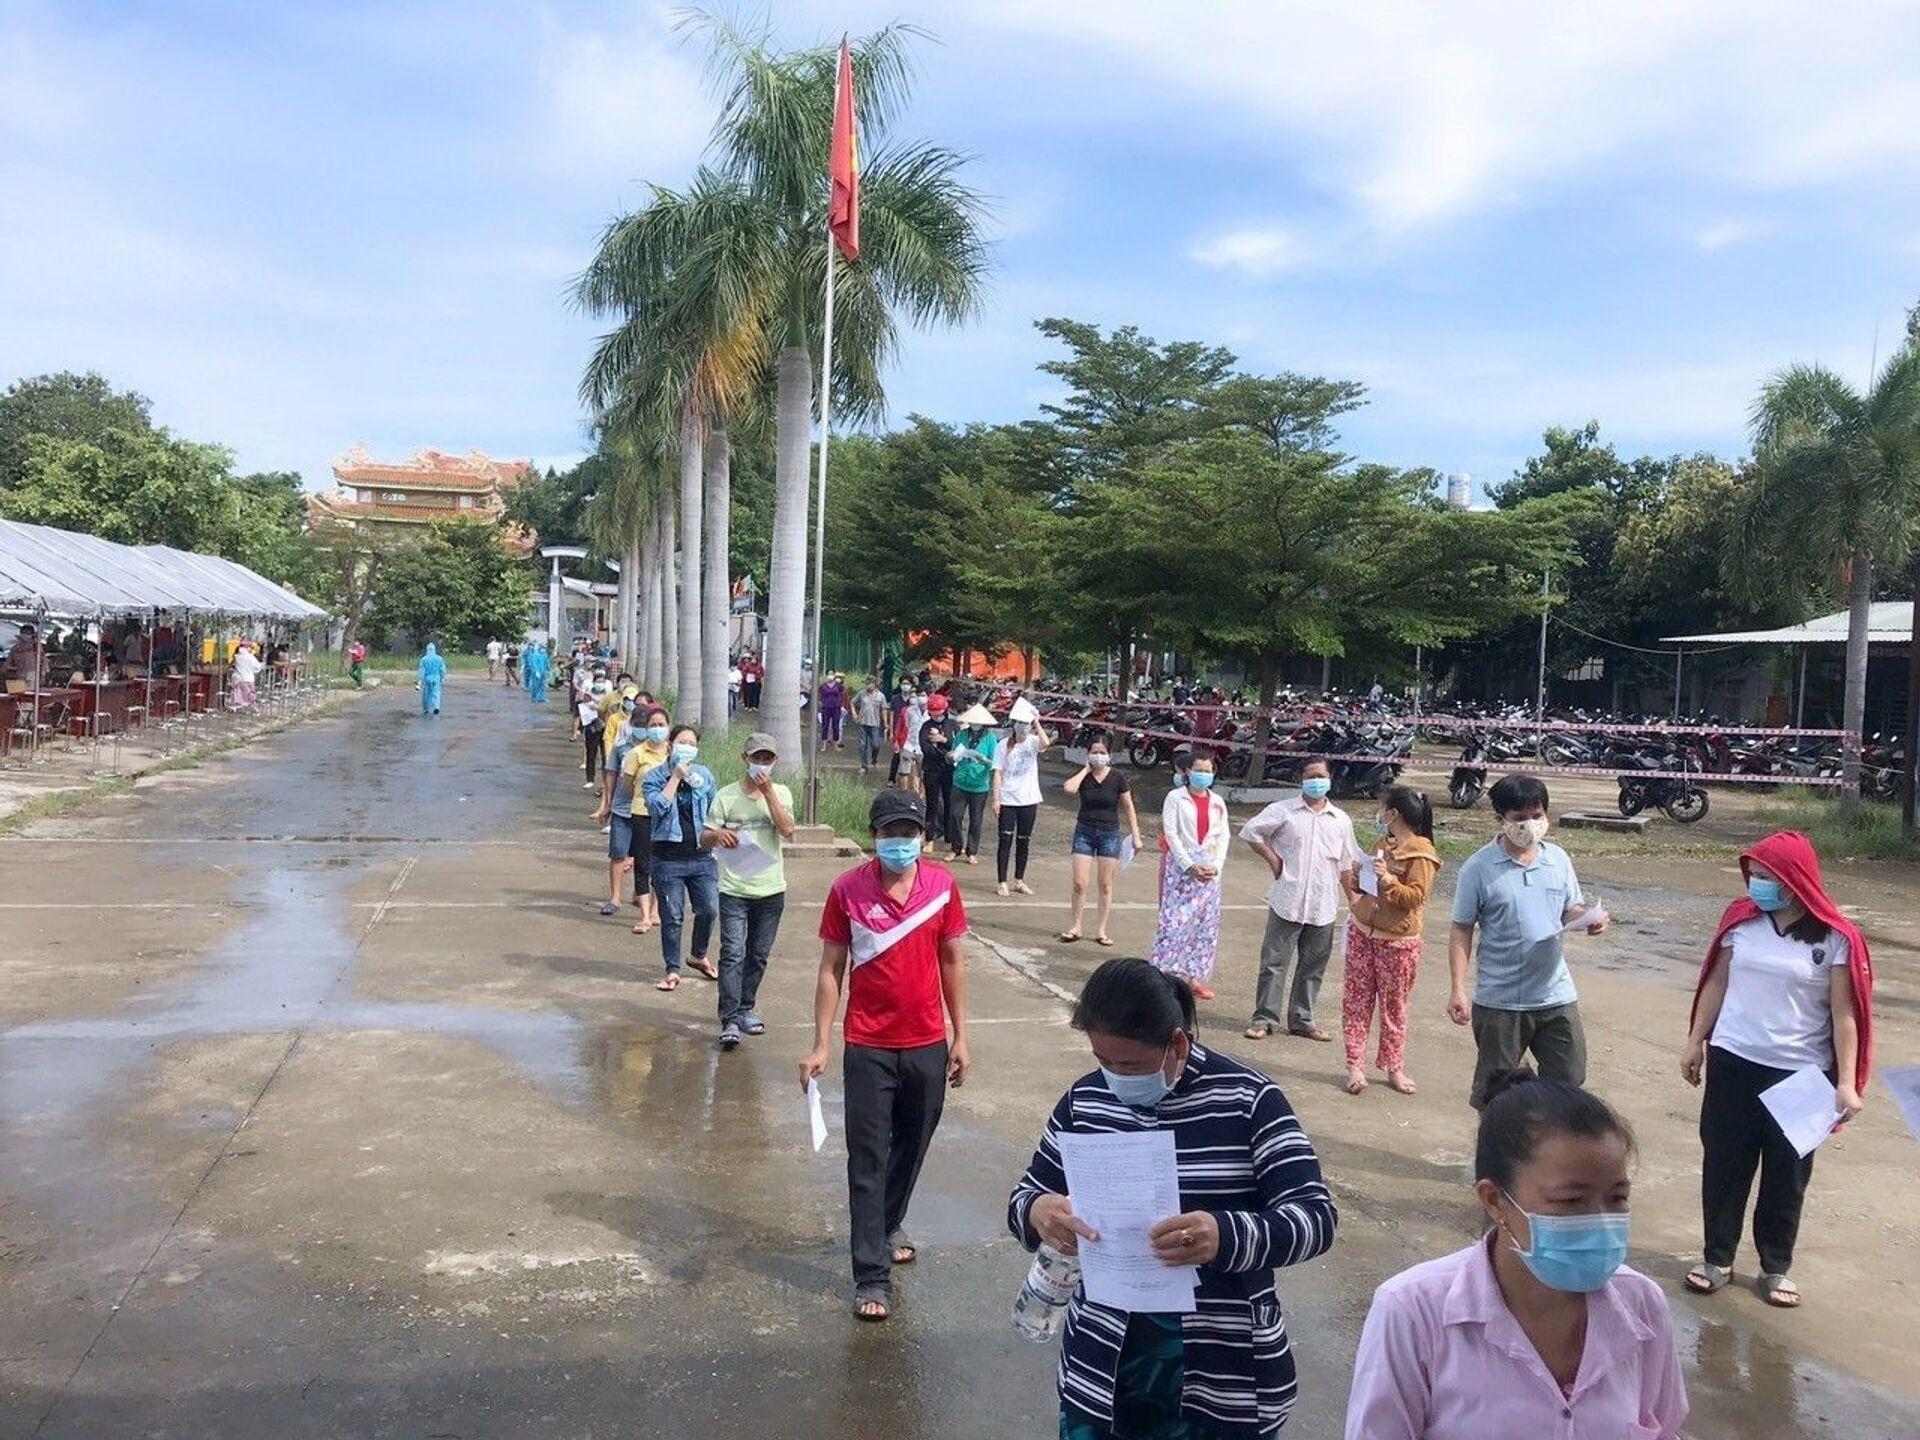 Người dân phường Thái Hòa, thị xã Tân Uyên, tỉnh Bình Dương đợi xếp hàng để được tiêm vaccine Vero Cell của Sinopharm, ngày 5/9. - Sputnik Việt Nam, 1920, 05.10.2021